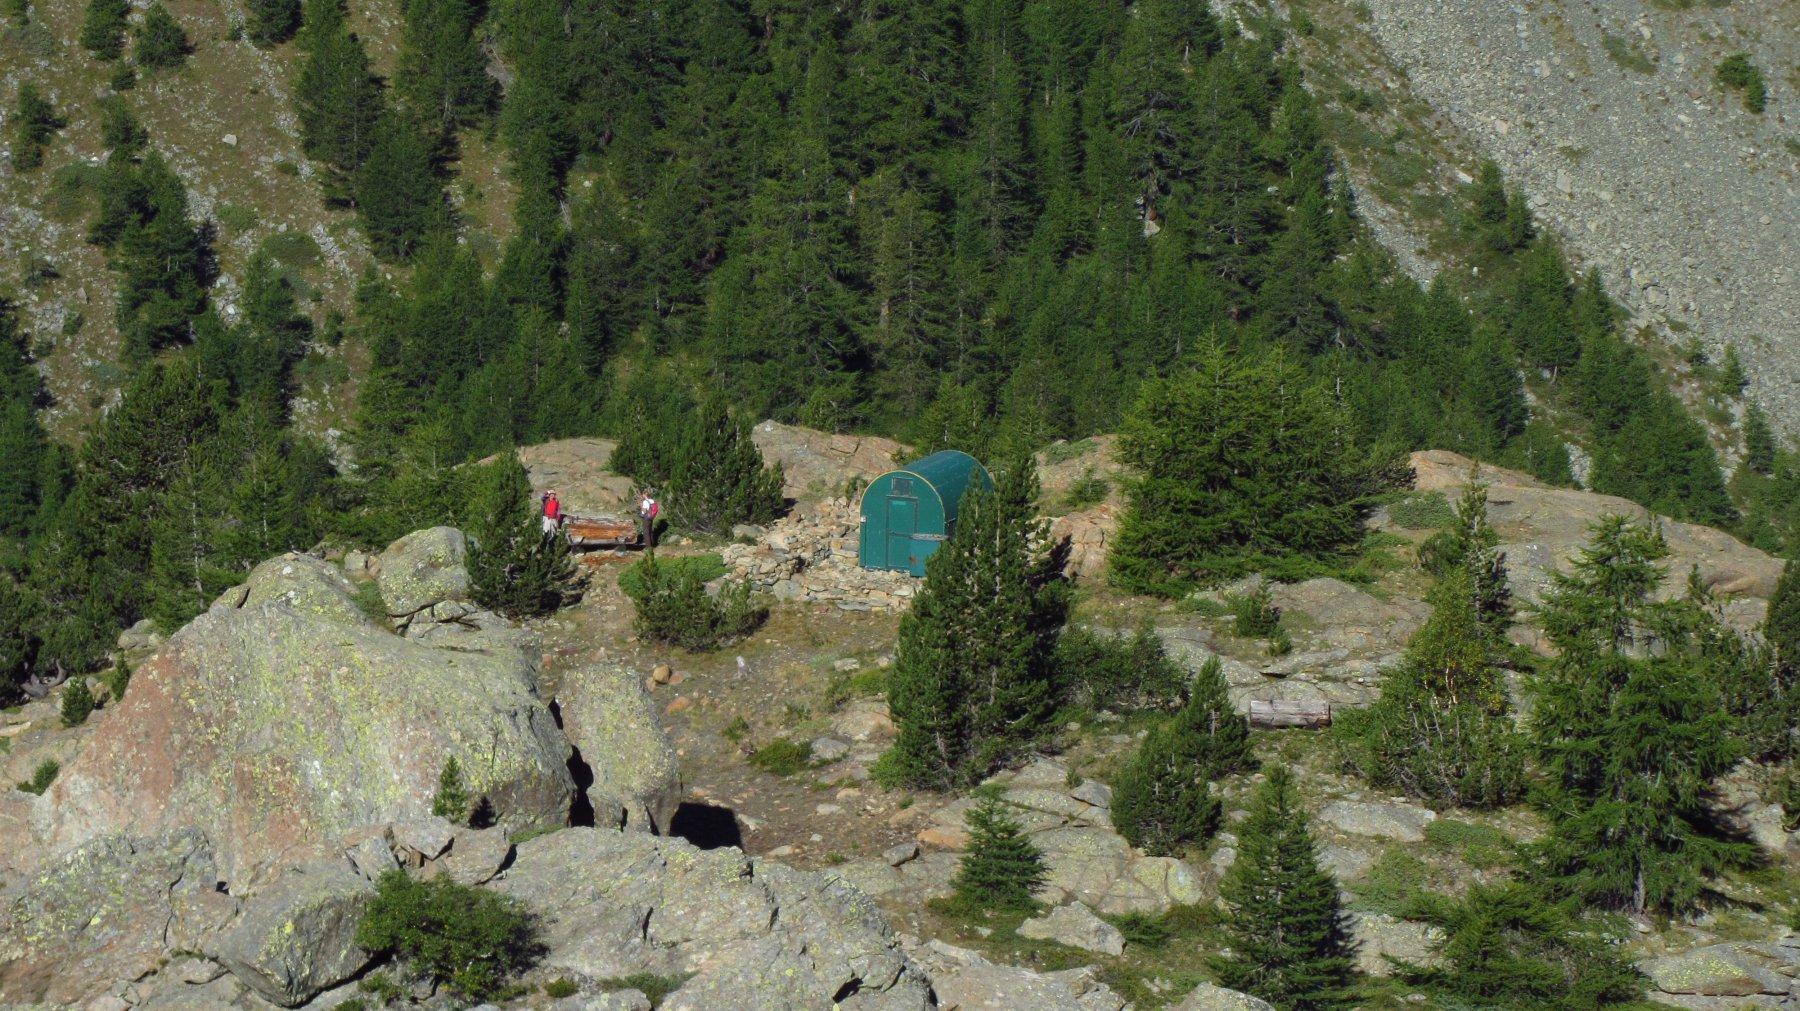 Il bivacco forestale nei pressi del bivio per il colle di Bella Lana